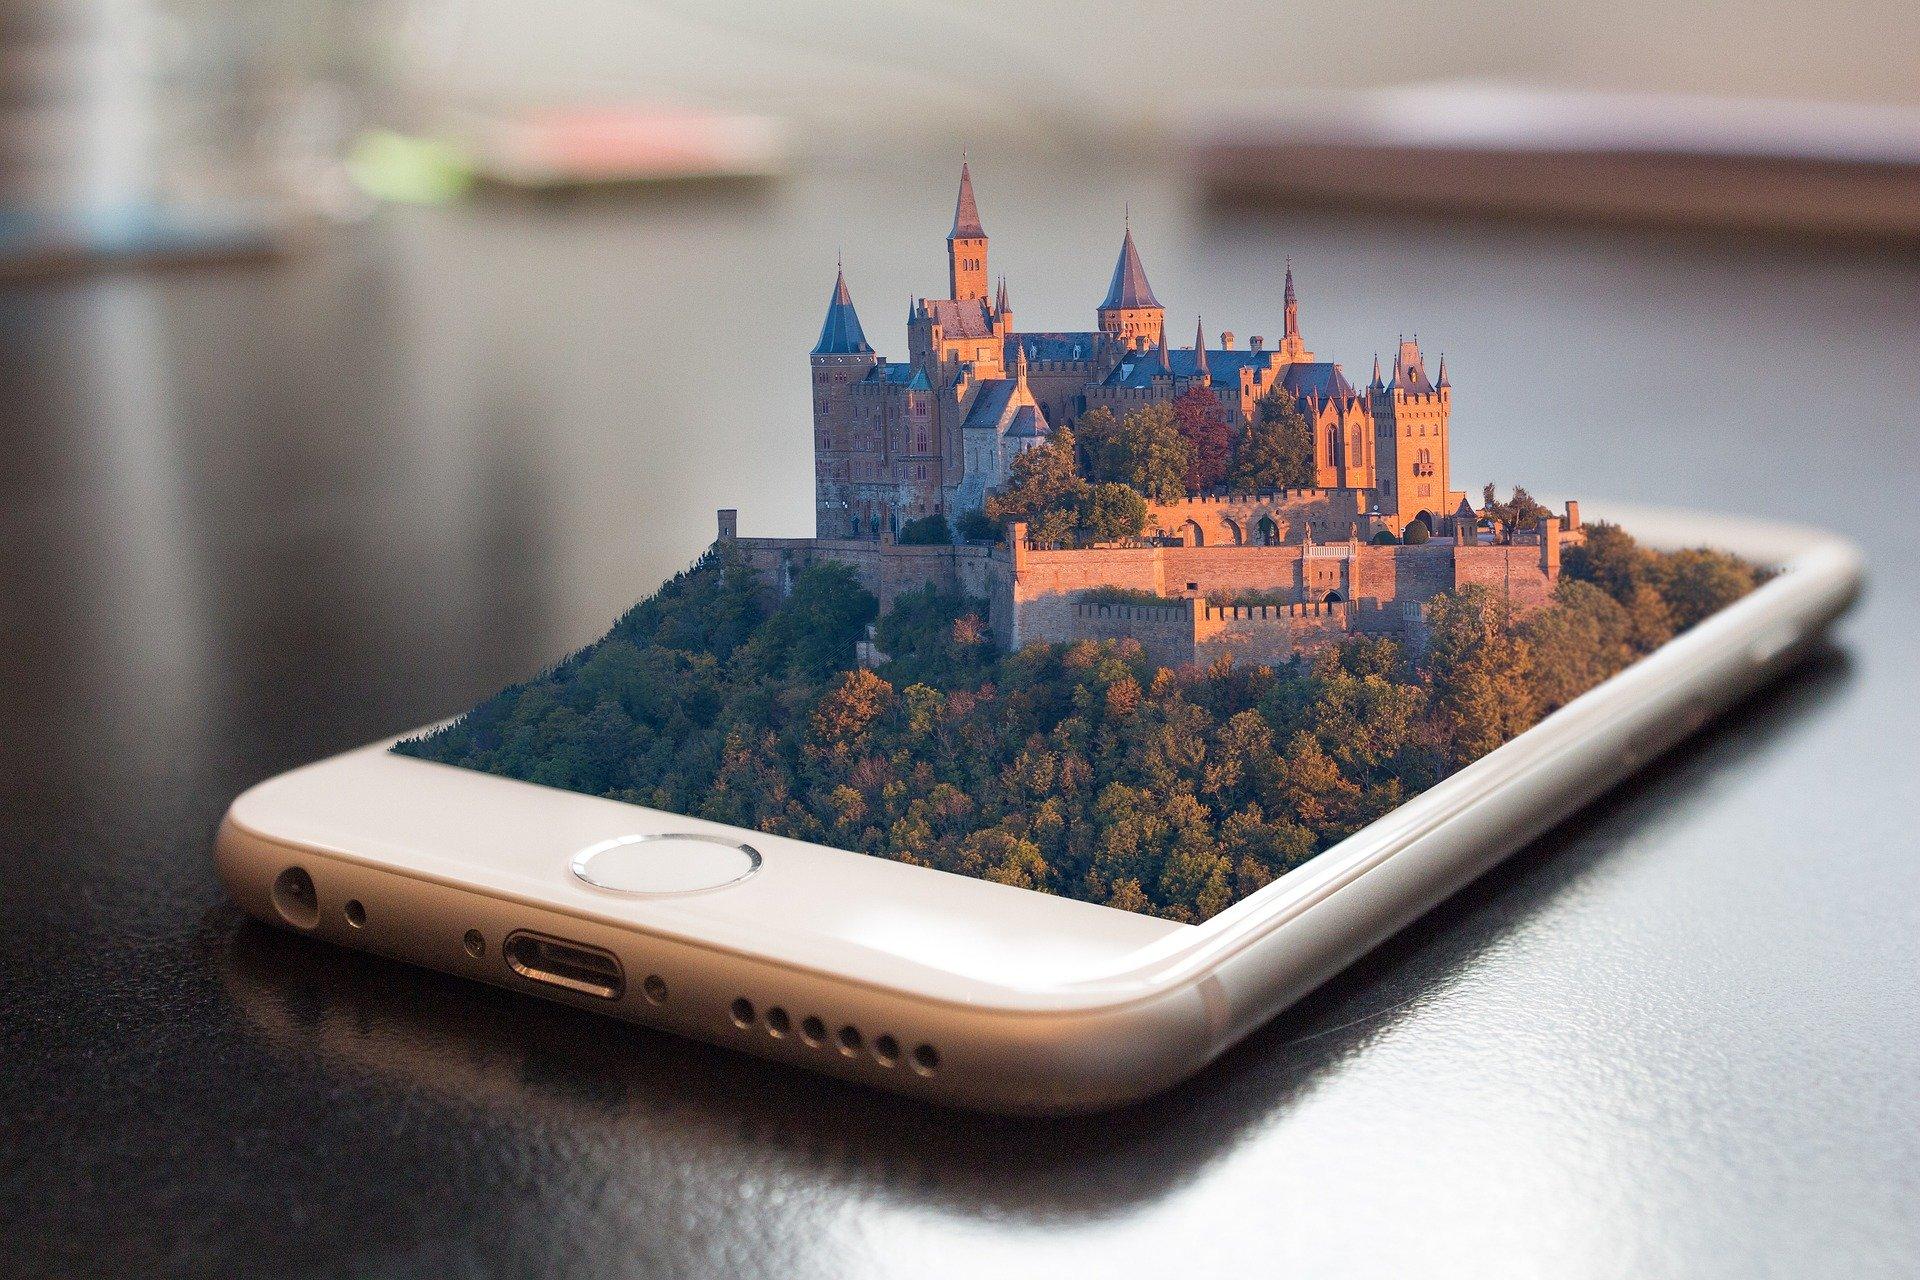 טלפונים חכמים – כל מה שצריך לדעת כדי להיות בטוחים